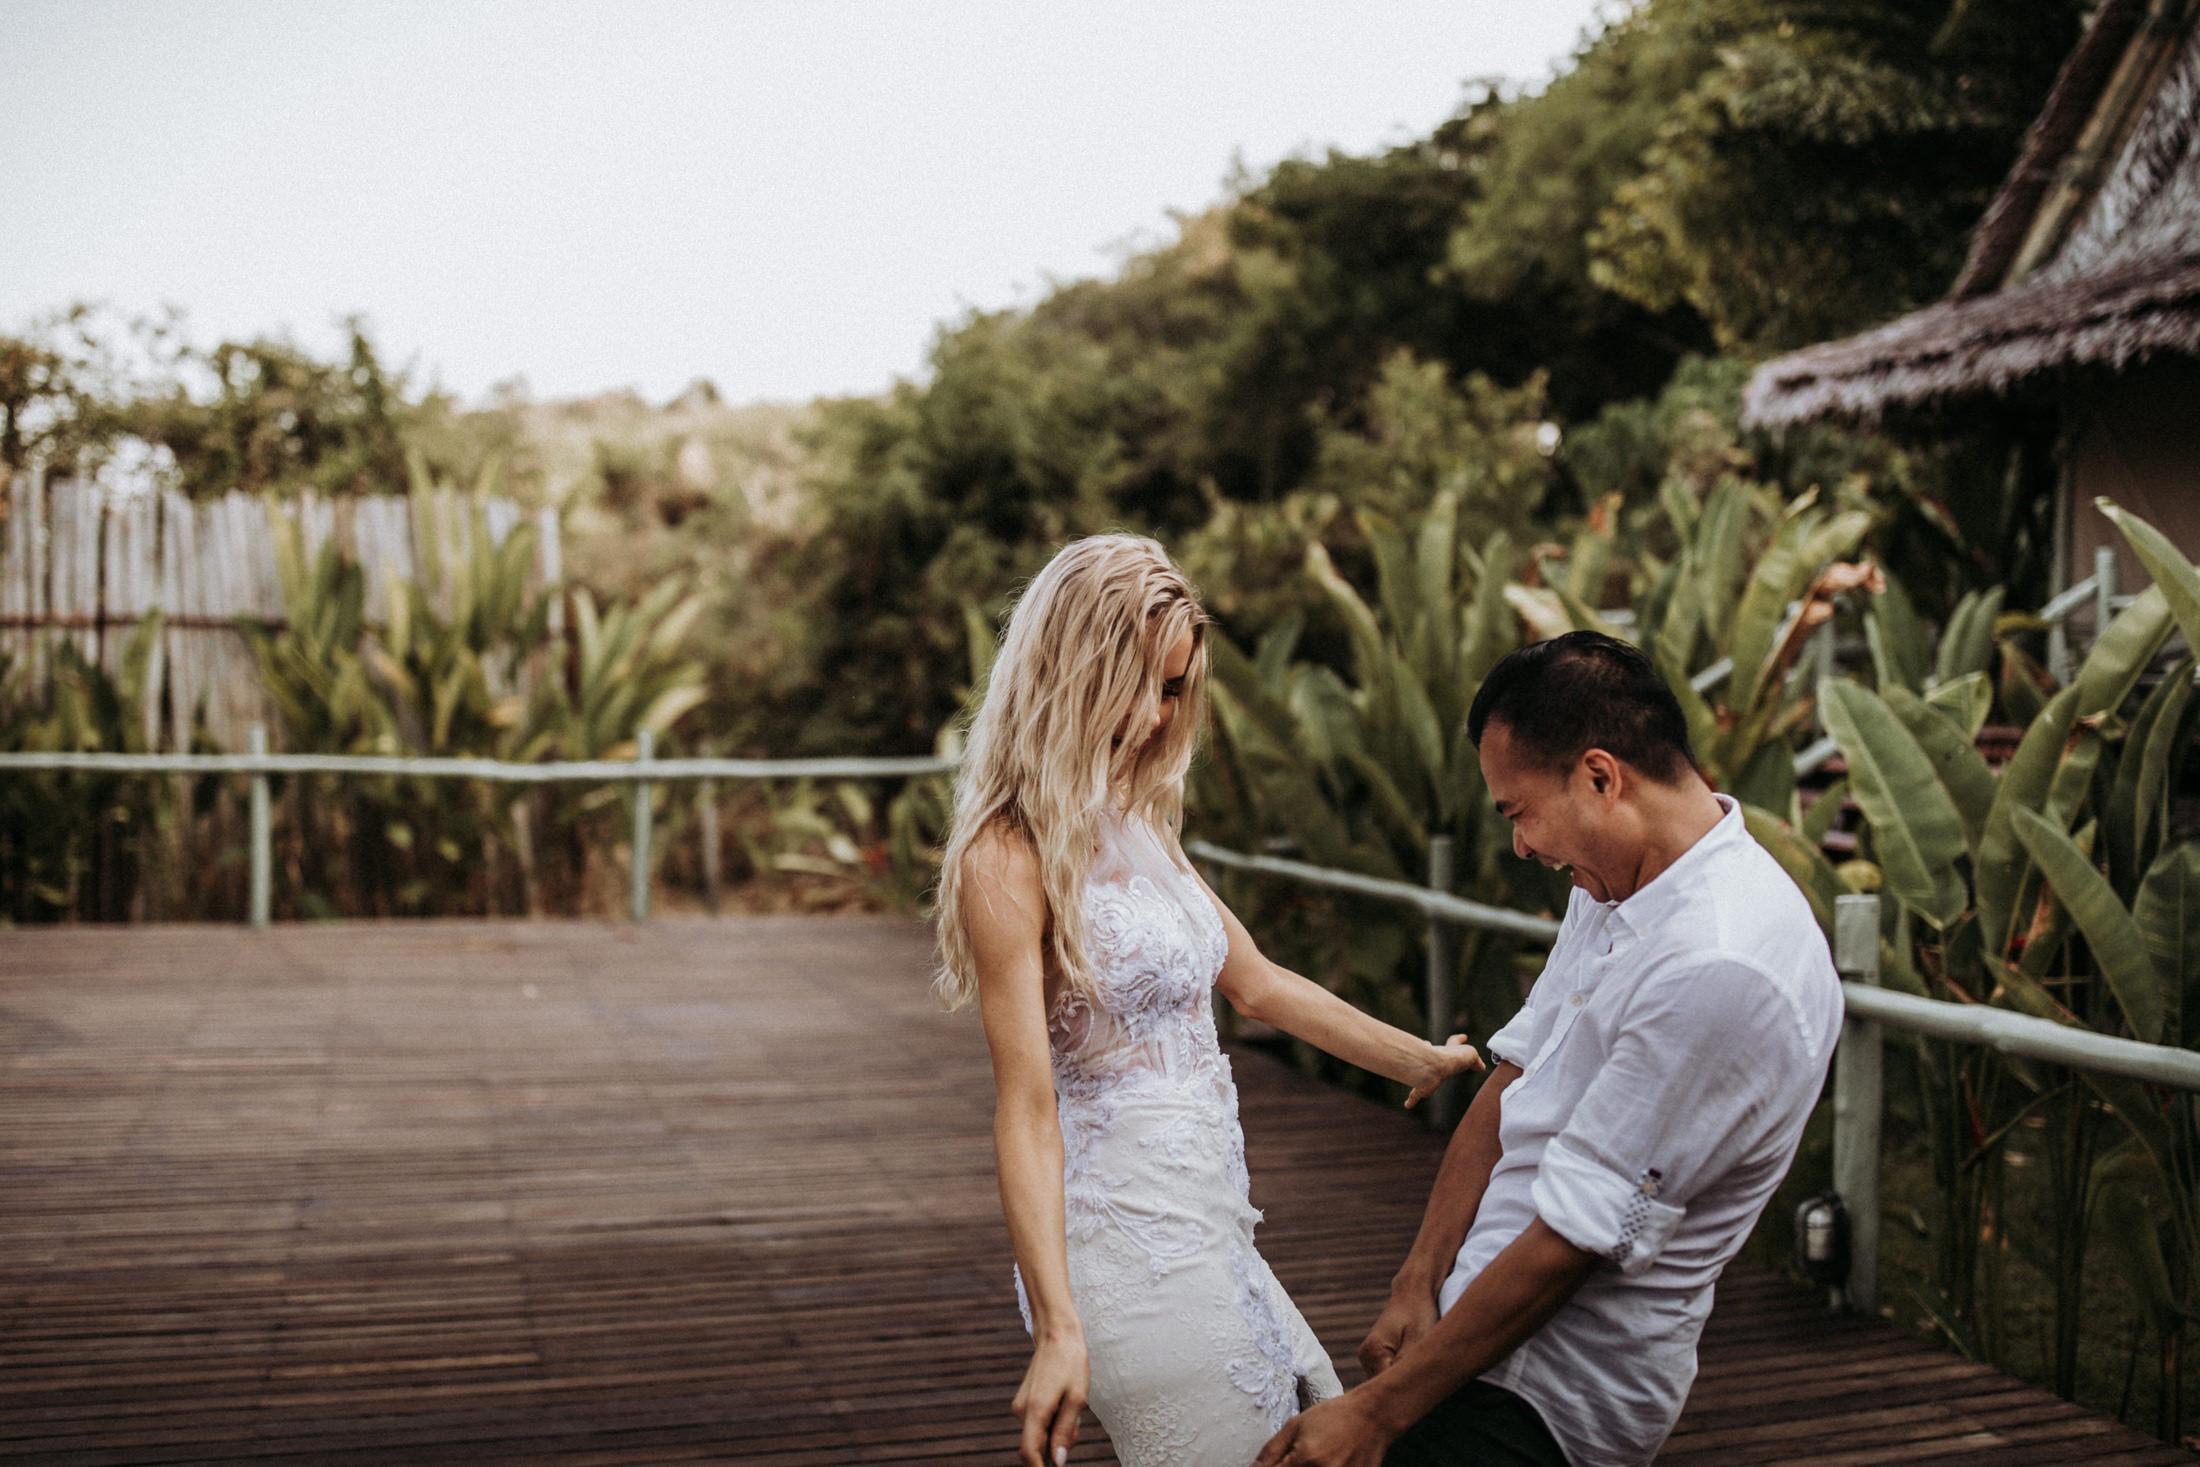 DanielaMarquardt_Wedding_Thailand_494